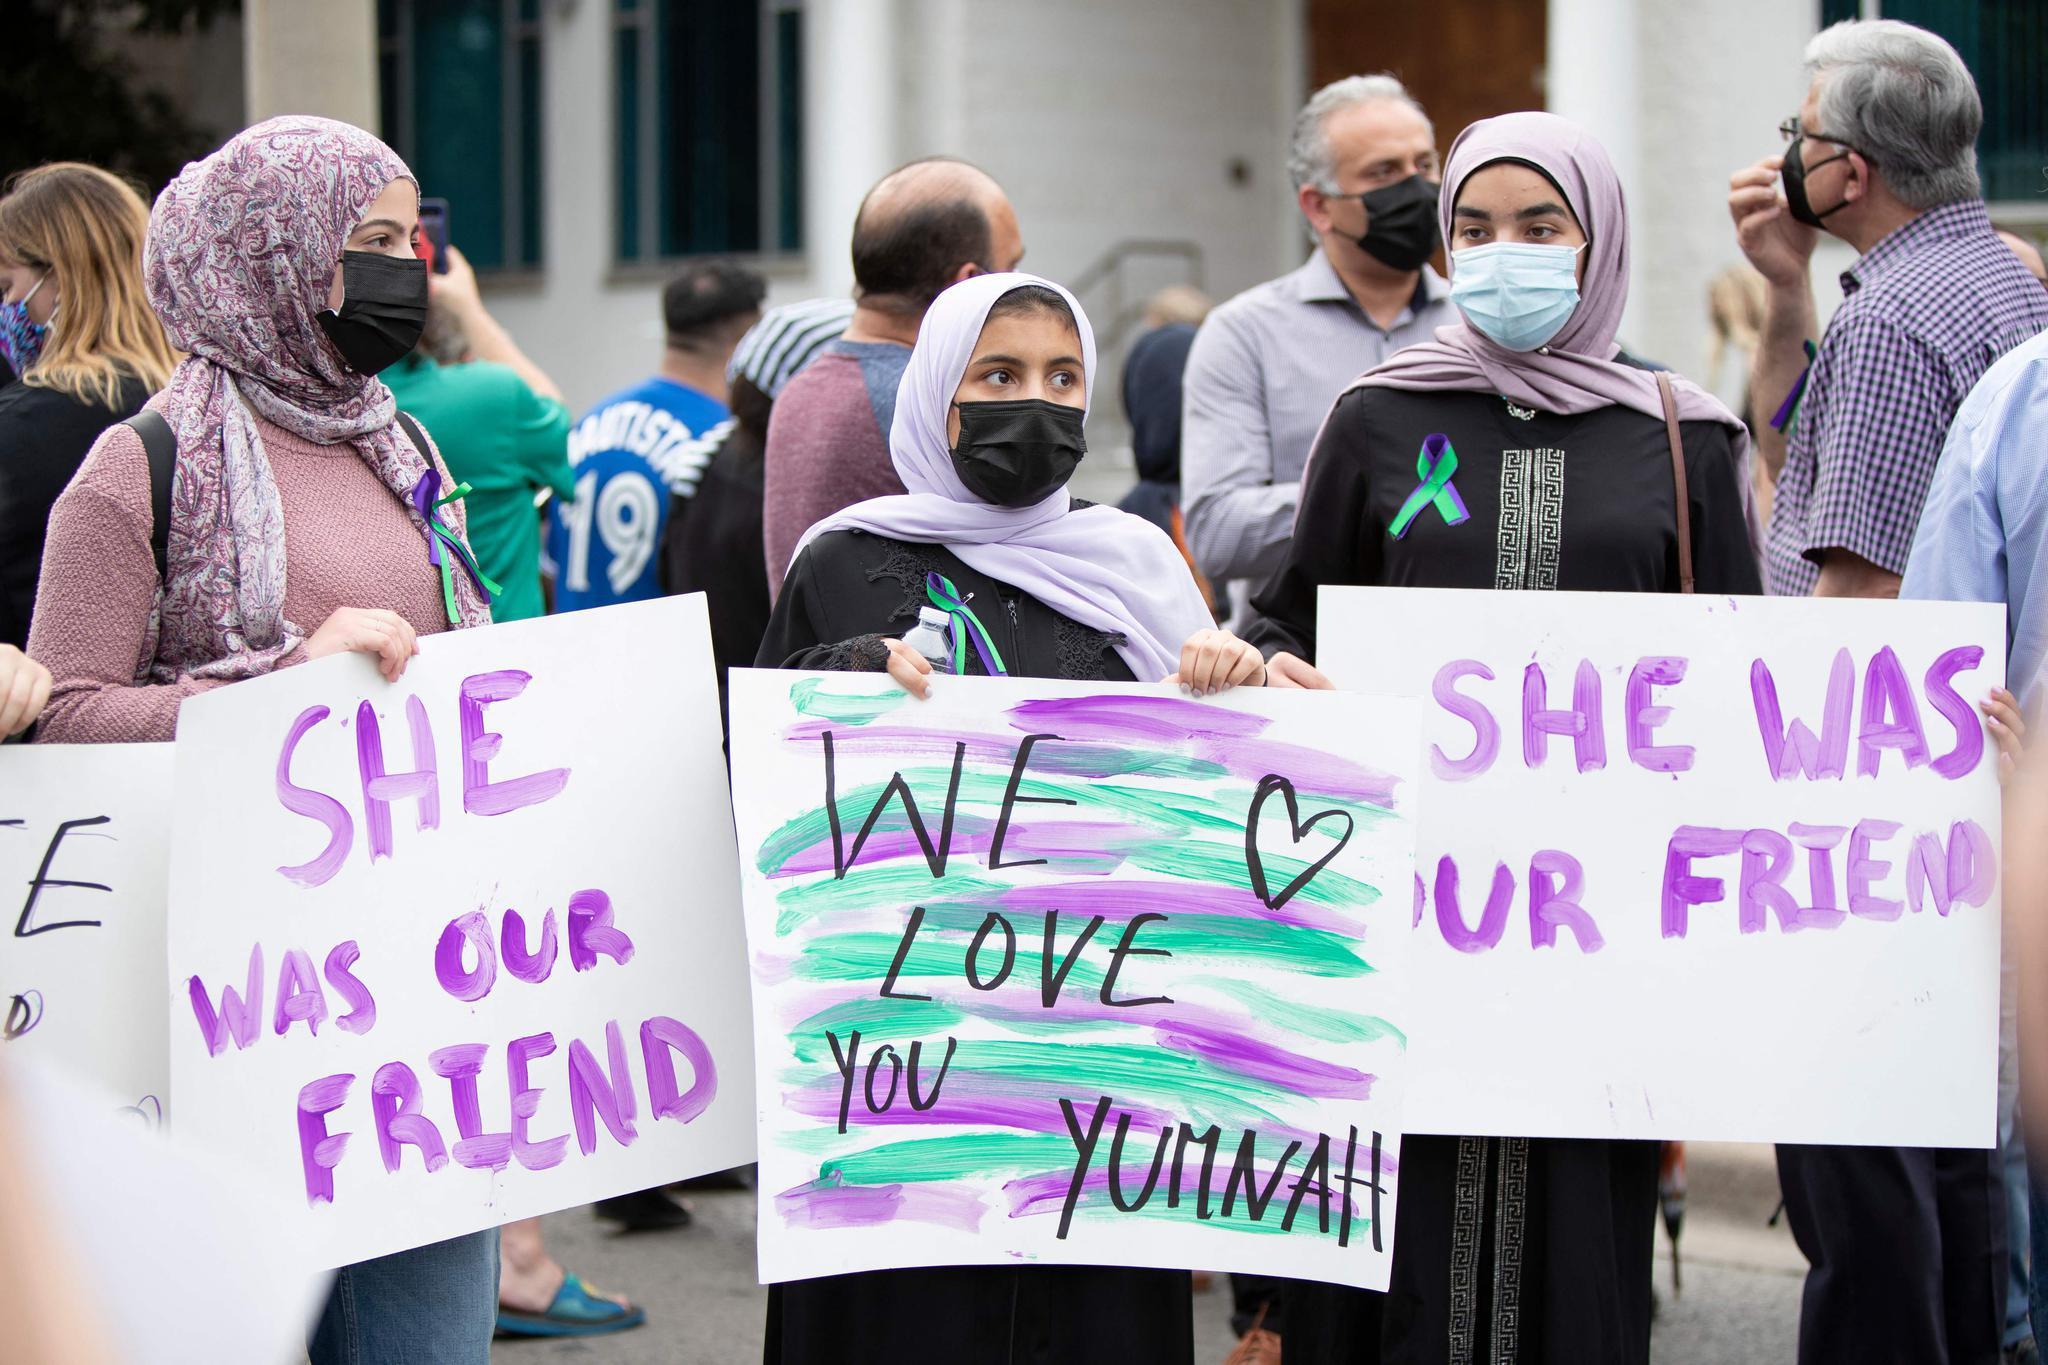 加拿大:悼念仇恨犯罪案件的穆斯林遇难者